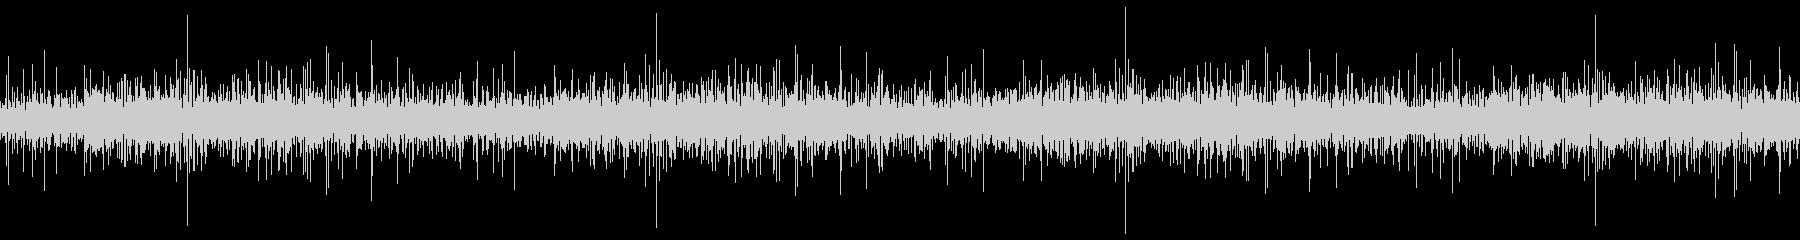 グツグツ鍋の音(ループ)の未再生の波形